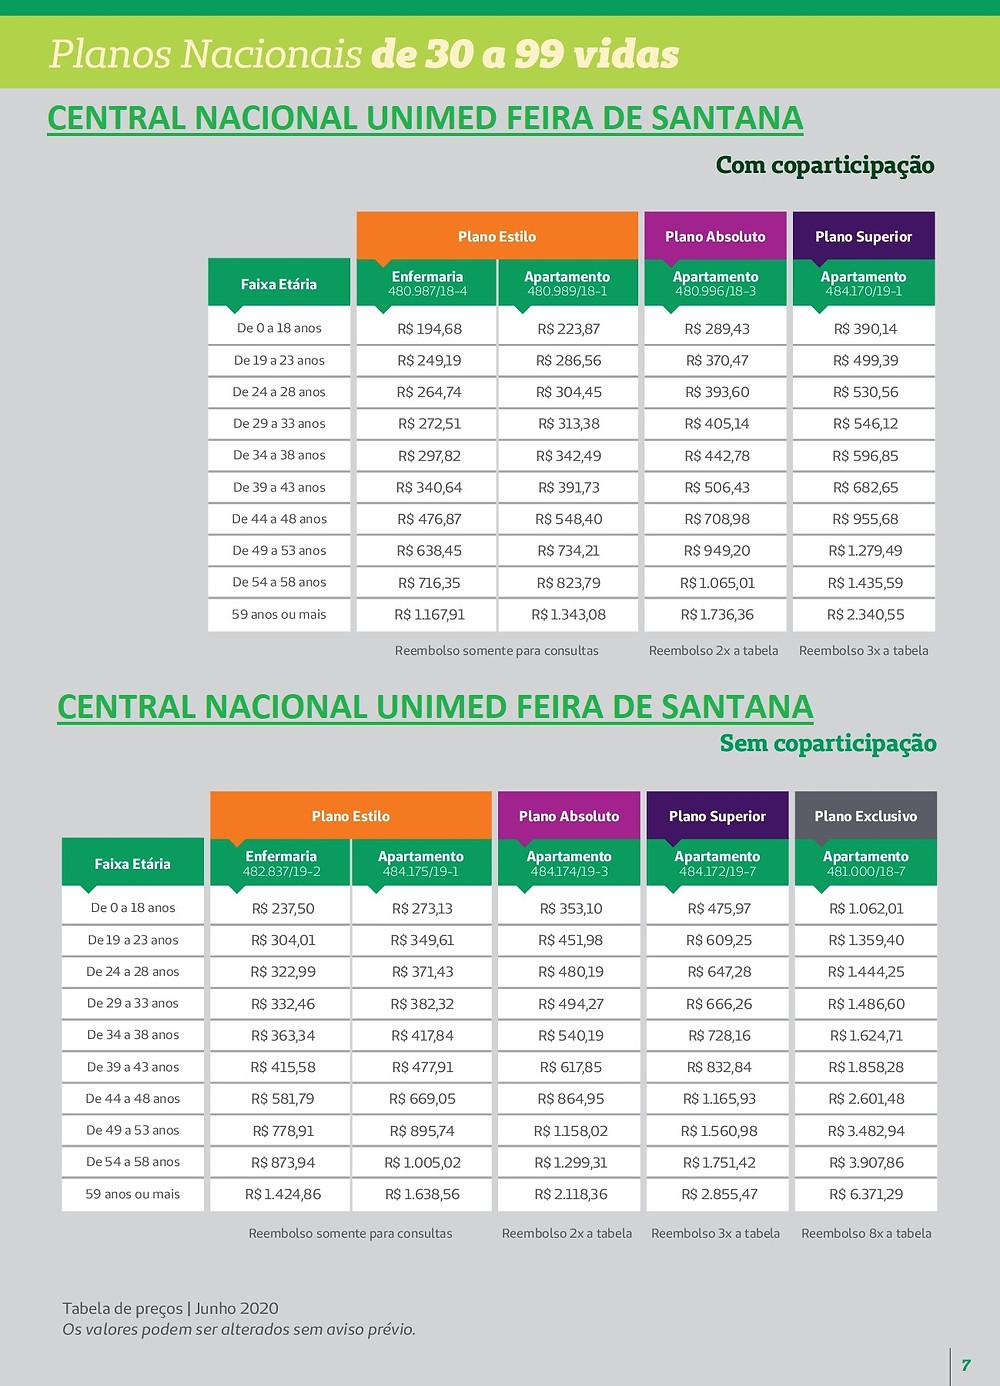 Feira de Santana - Unimed Nacional Plano de Saúde, Corporativo, Empresa